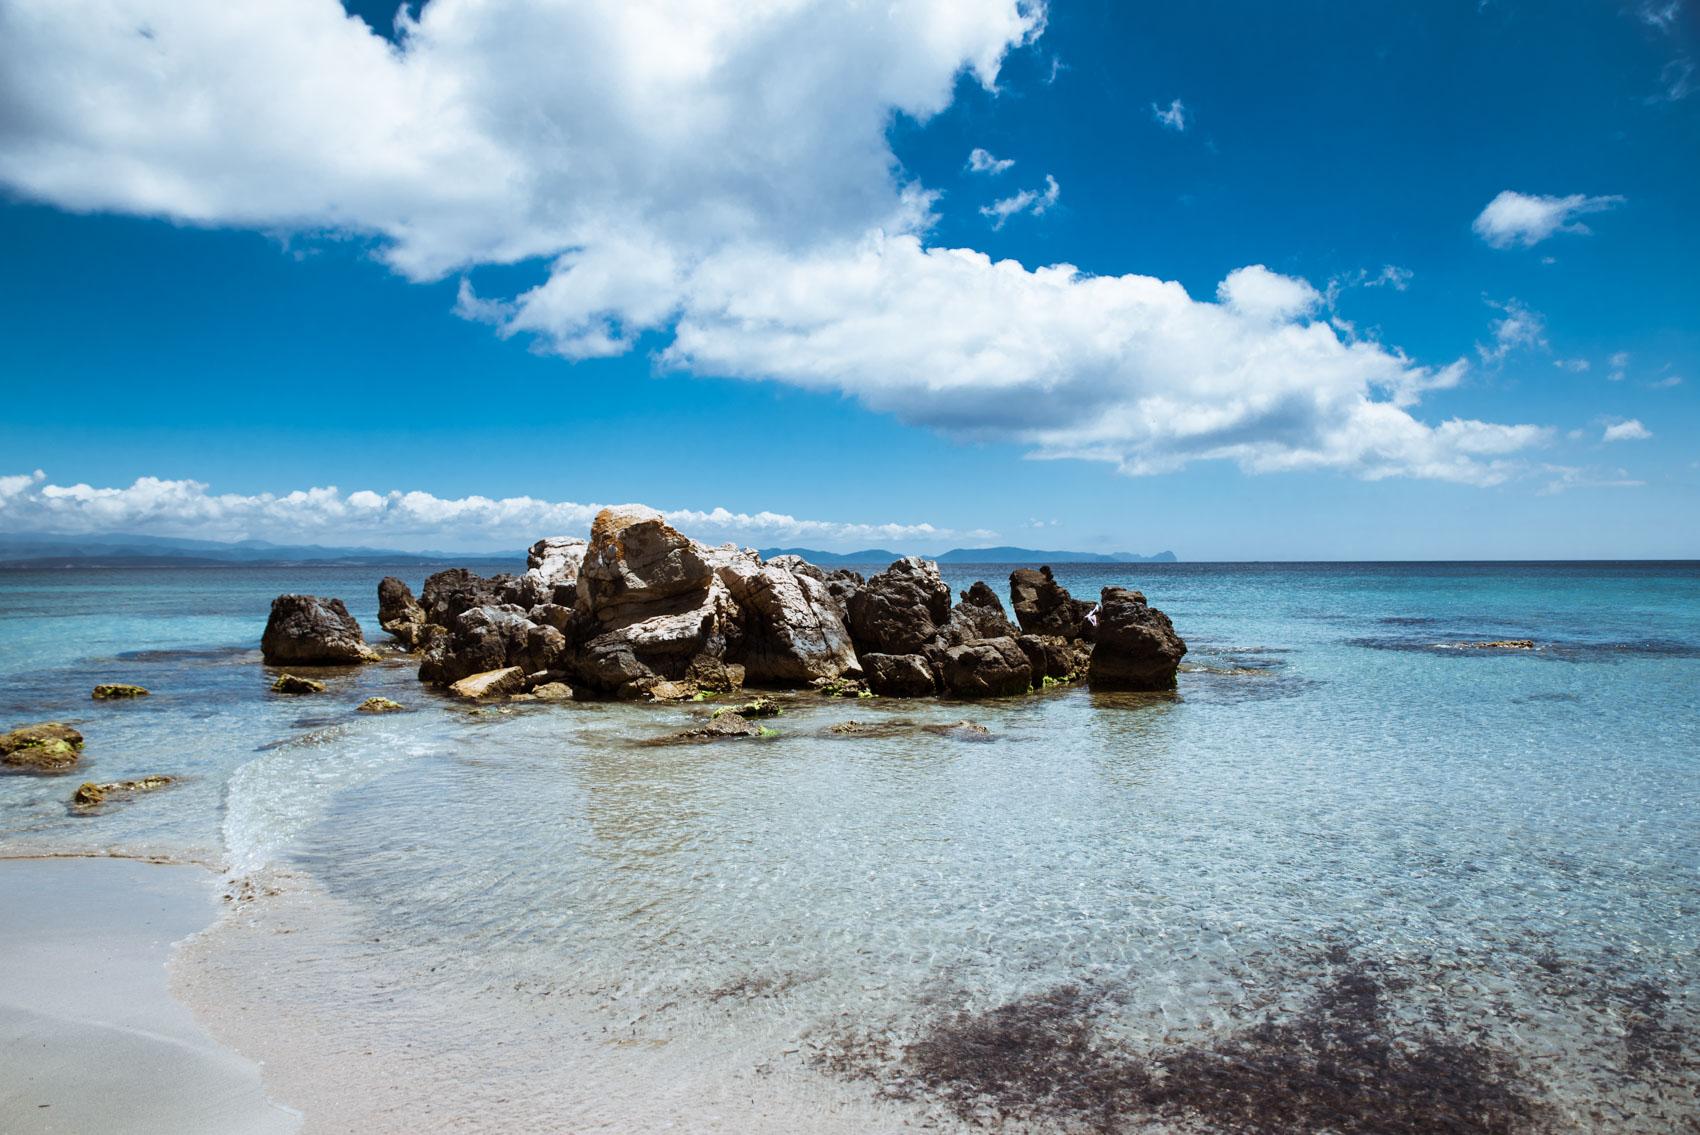 Situato nella seconda spiaggia, questo insieme di rocce è un parco divertimenti per i bambini che amano andarci sopra e osservare il mare.